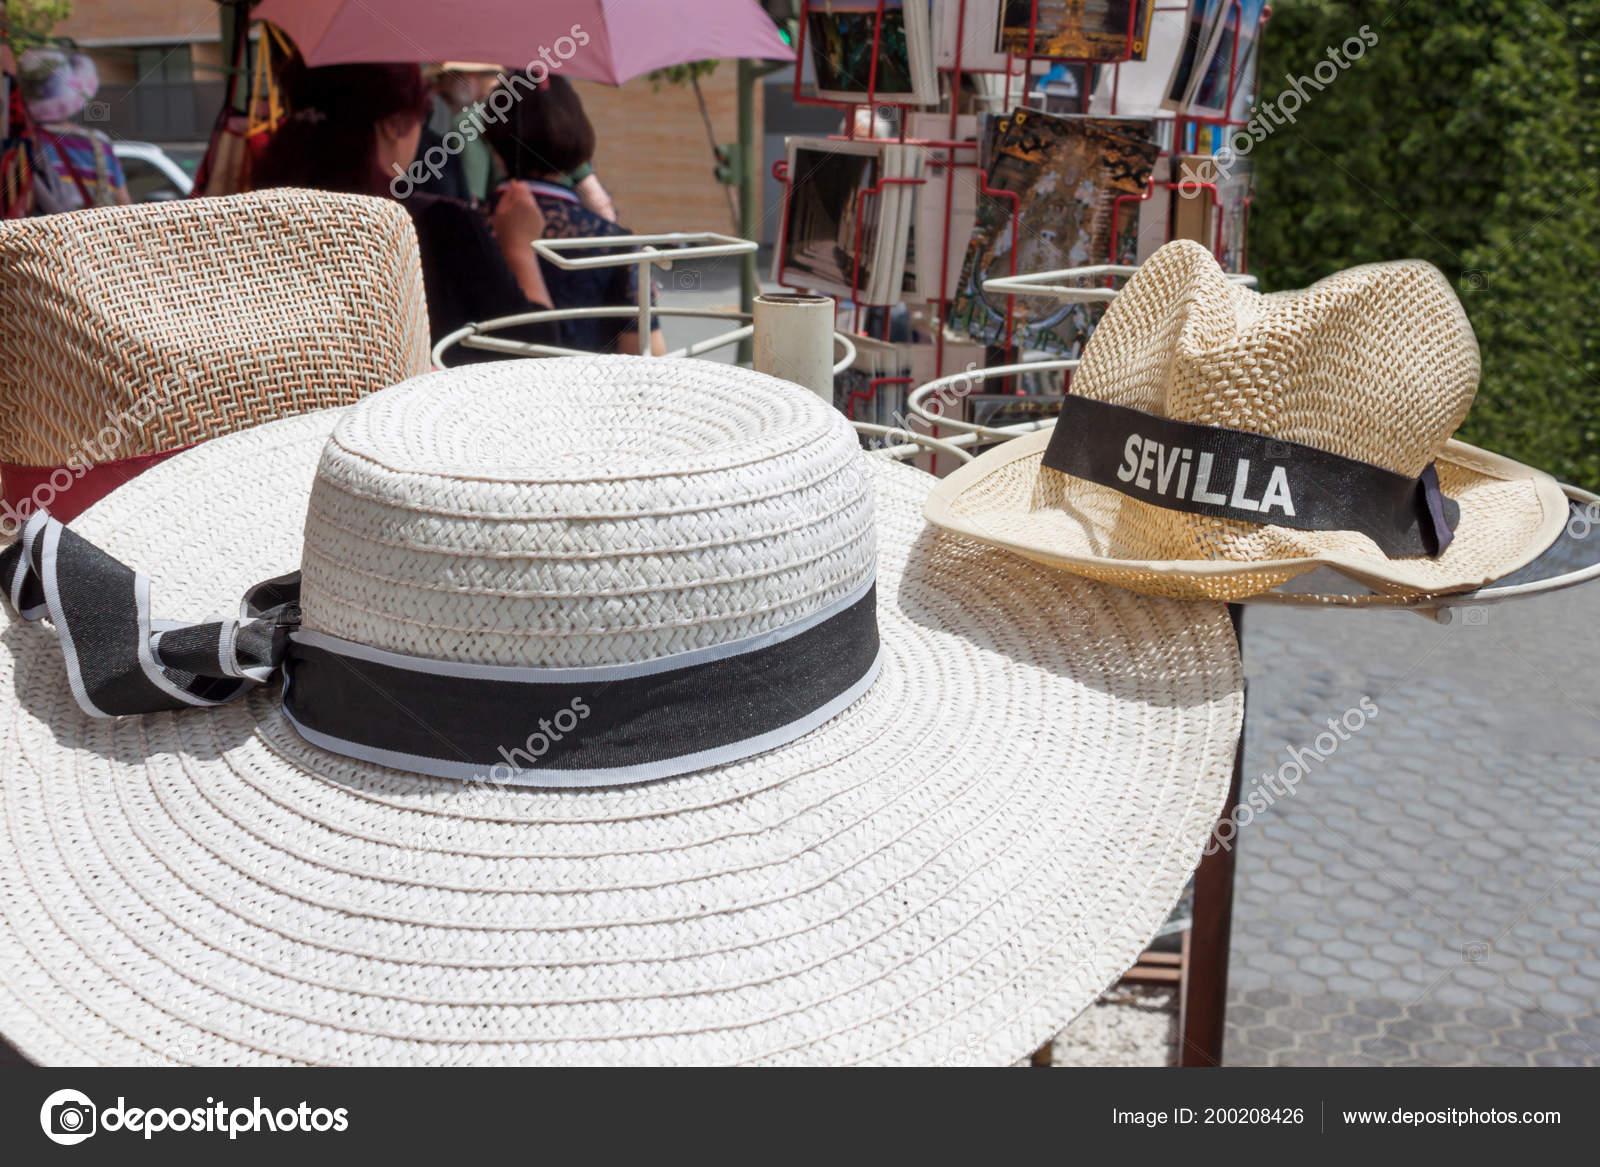 Slámy dámský klobouk se stuhou a klobouk Slaměný panák s nápisem Sevilla.  Letní zboží pro turisty ve Španělsku v turistickém– stock obrázky 1d4731ac2e